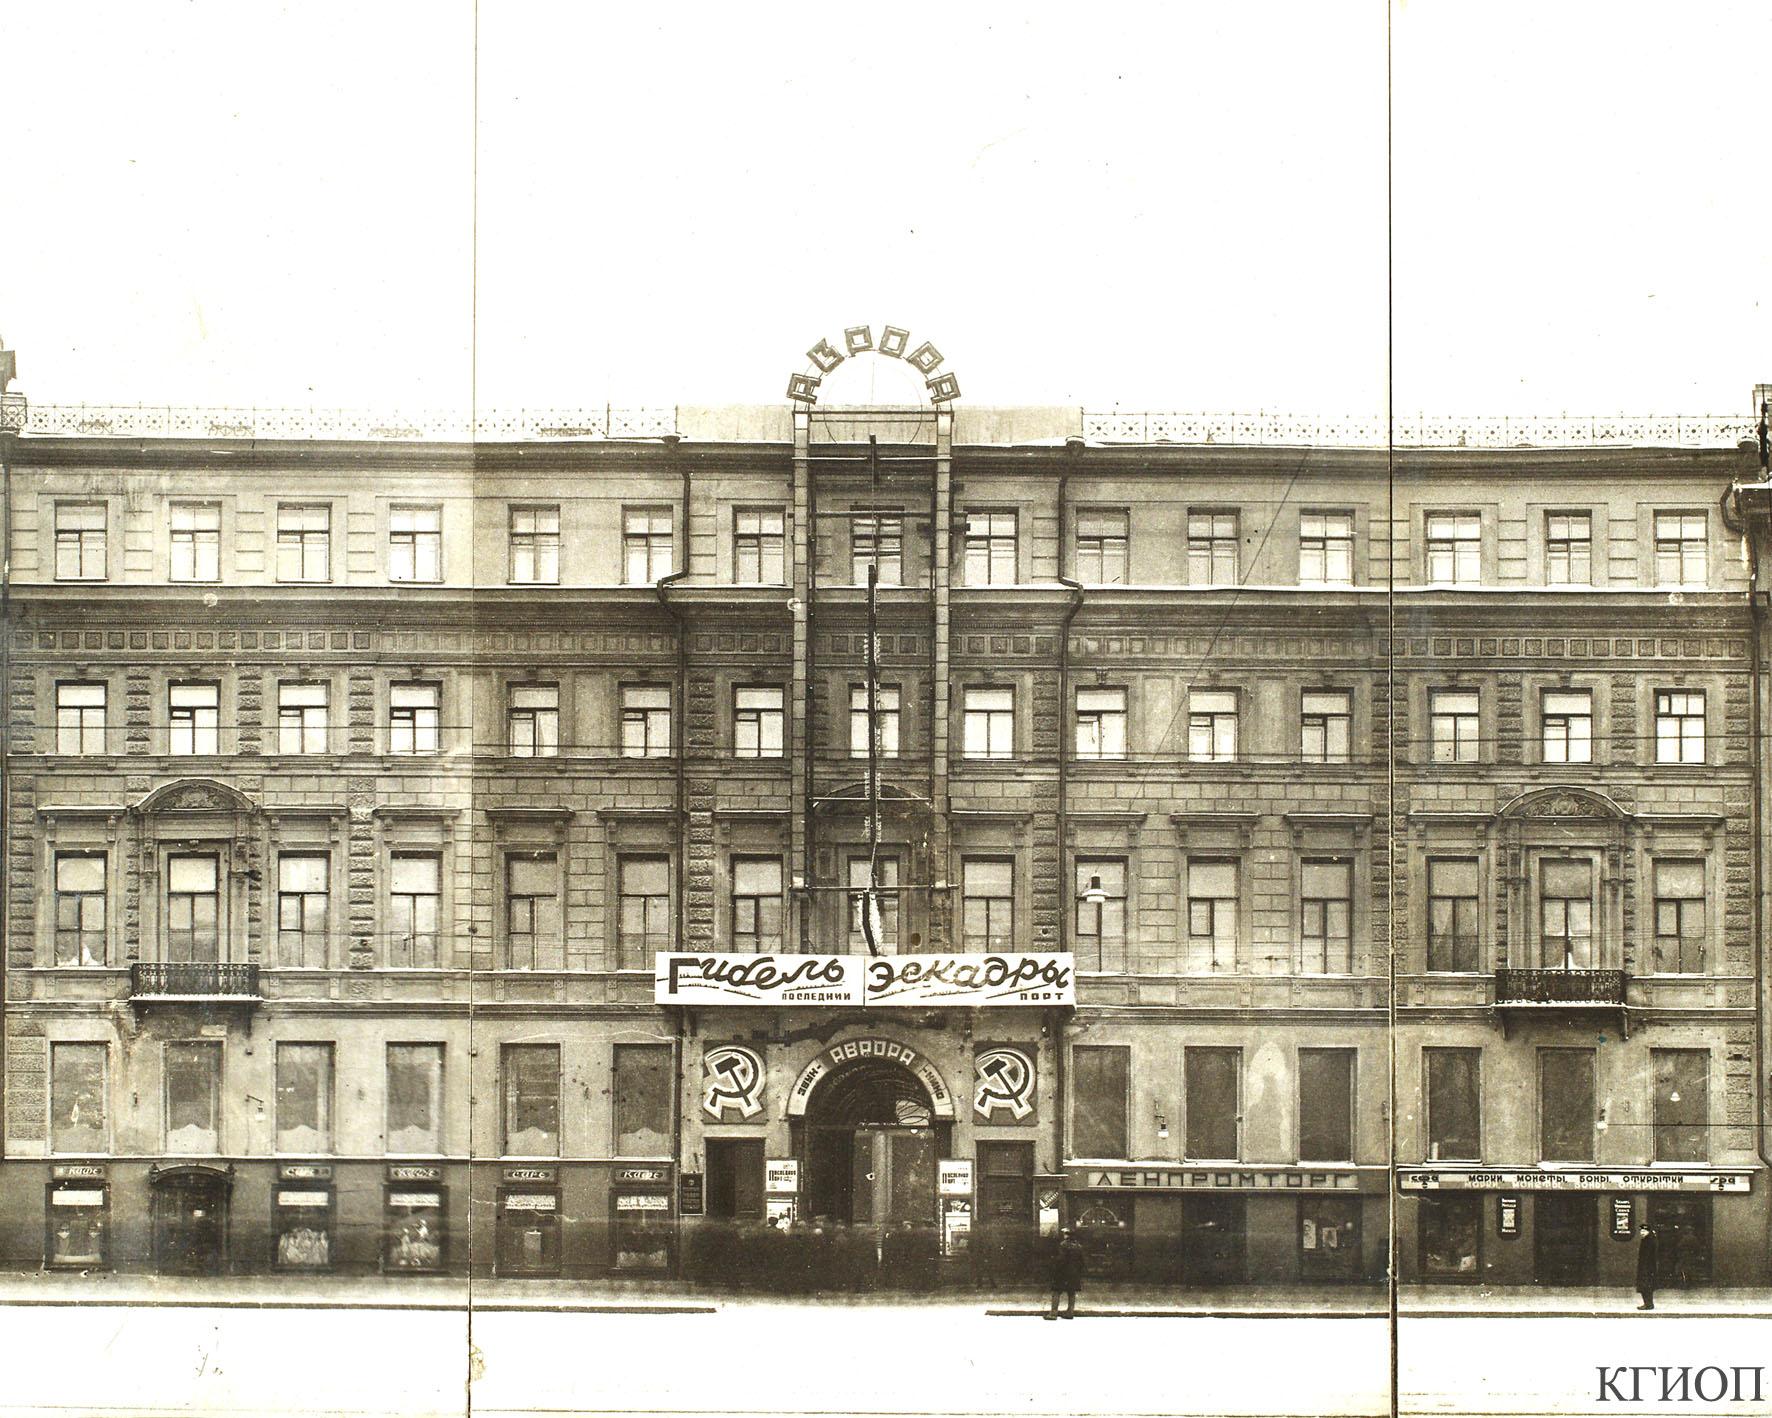 1935. Кинотеатр «Аврора». Невский пр., 60